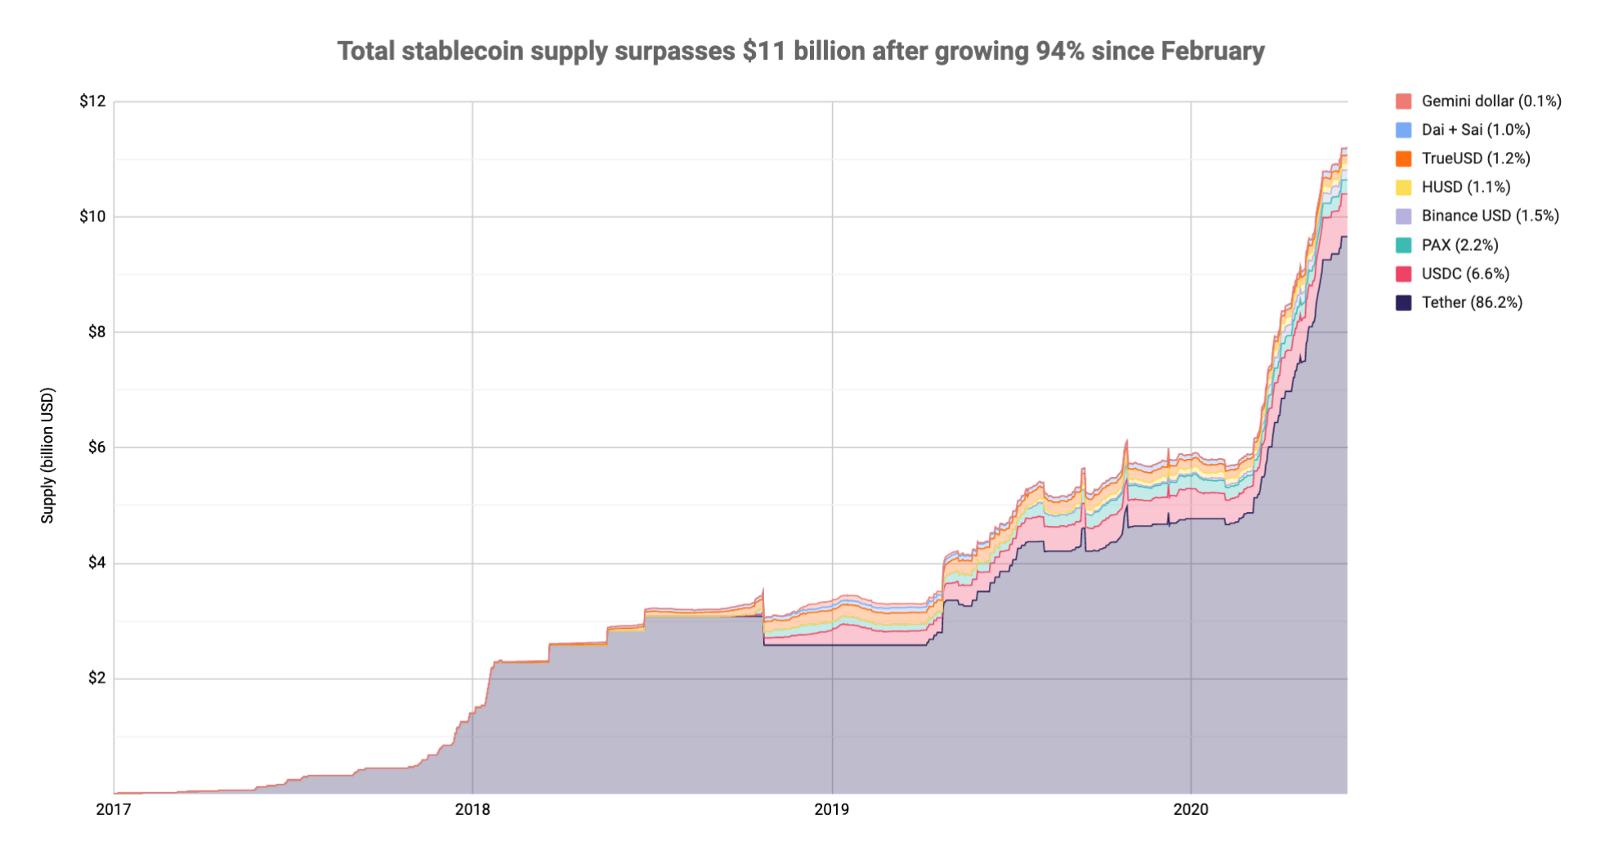 อุปทานทั้งหมด (Total Supply) ของเหรียญ Stablecoin เติบโต 94% นับตั้งแต่ต้นเดือนกุมภาพันธ์